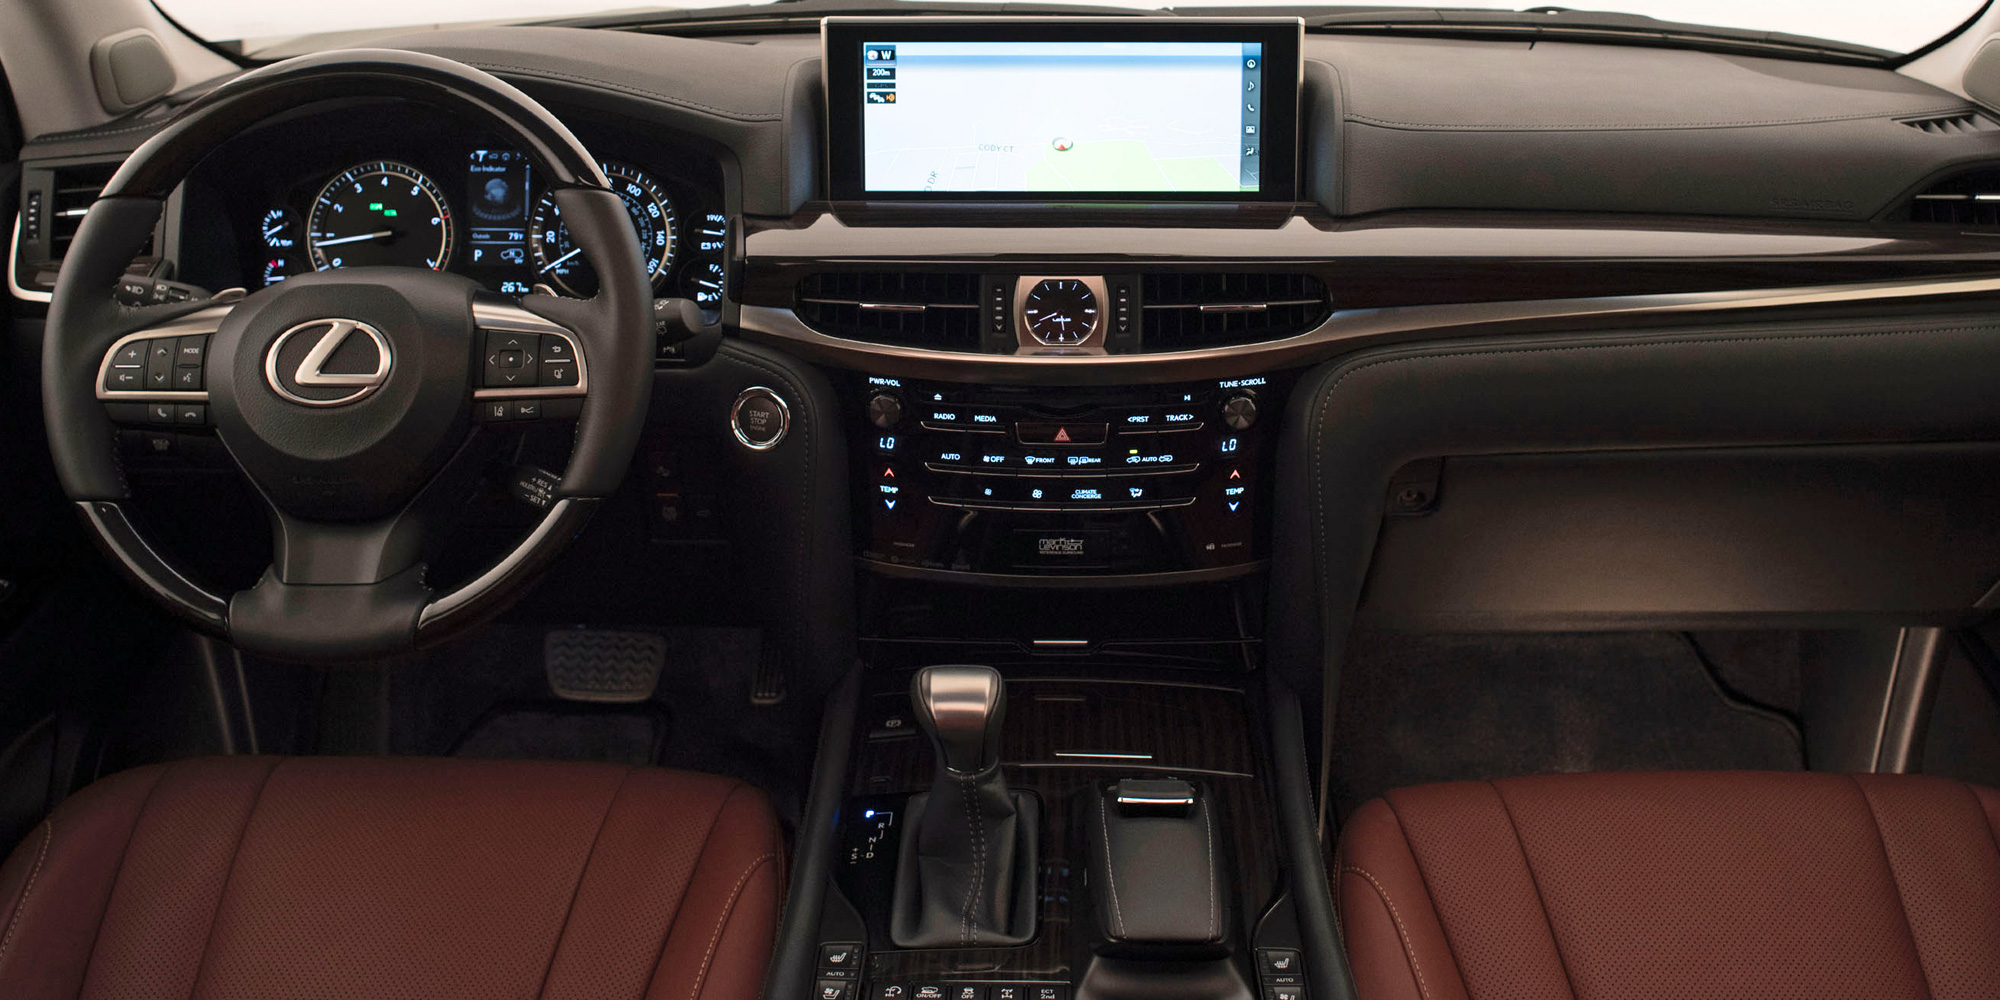 Lexus LX 570 nổi bật trong phân khúc SUV hạng sang